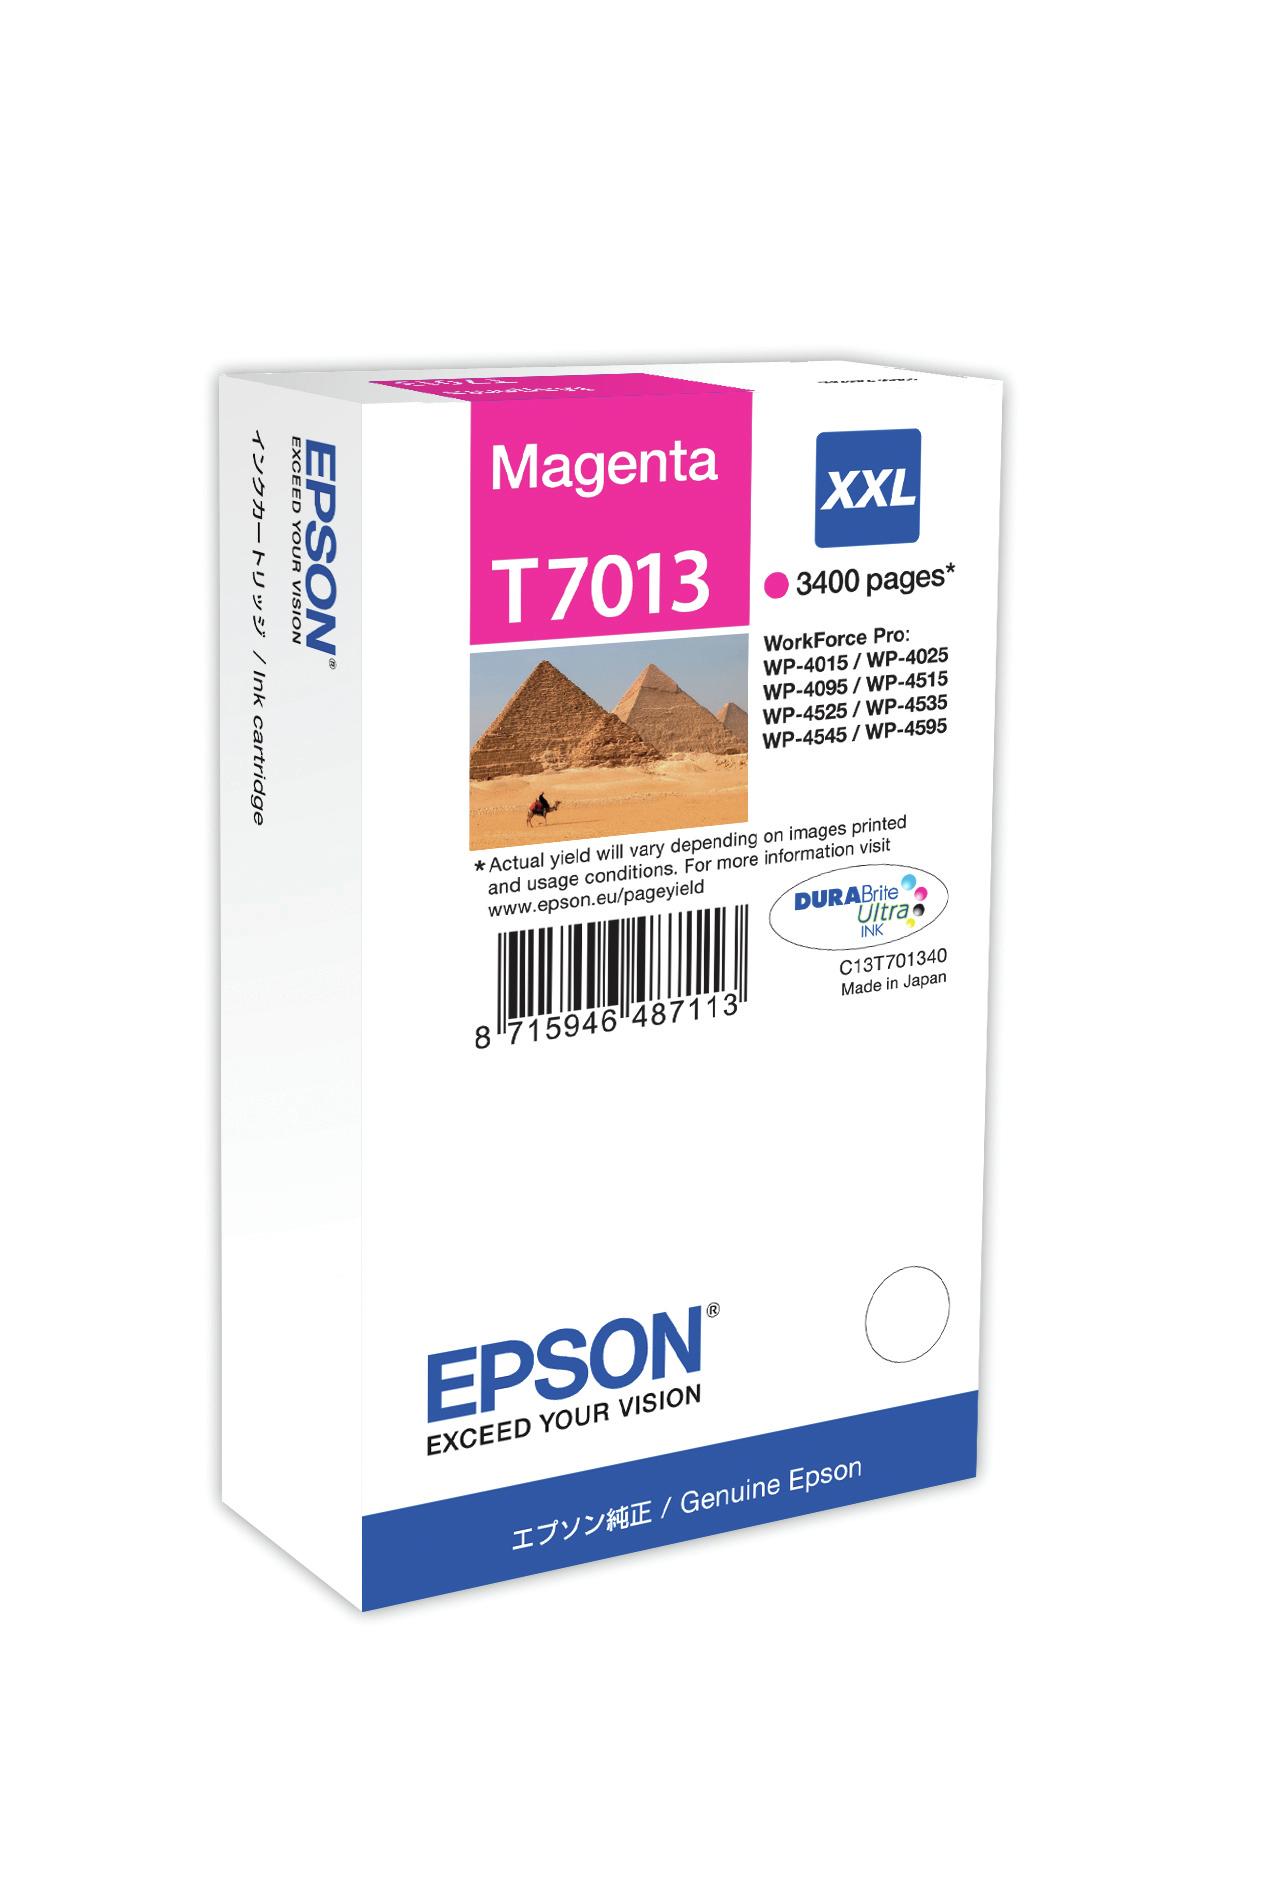 Epson Cartucho T70134010 magenta XXL